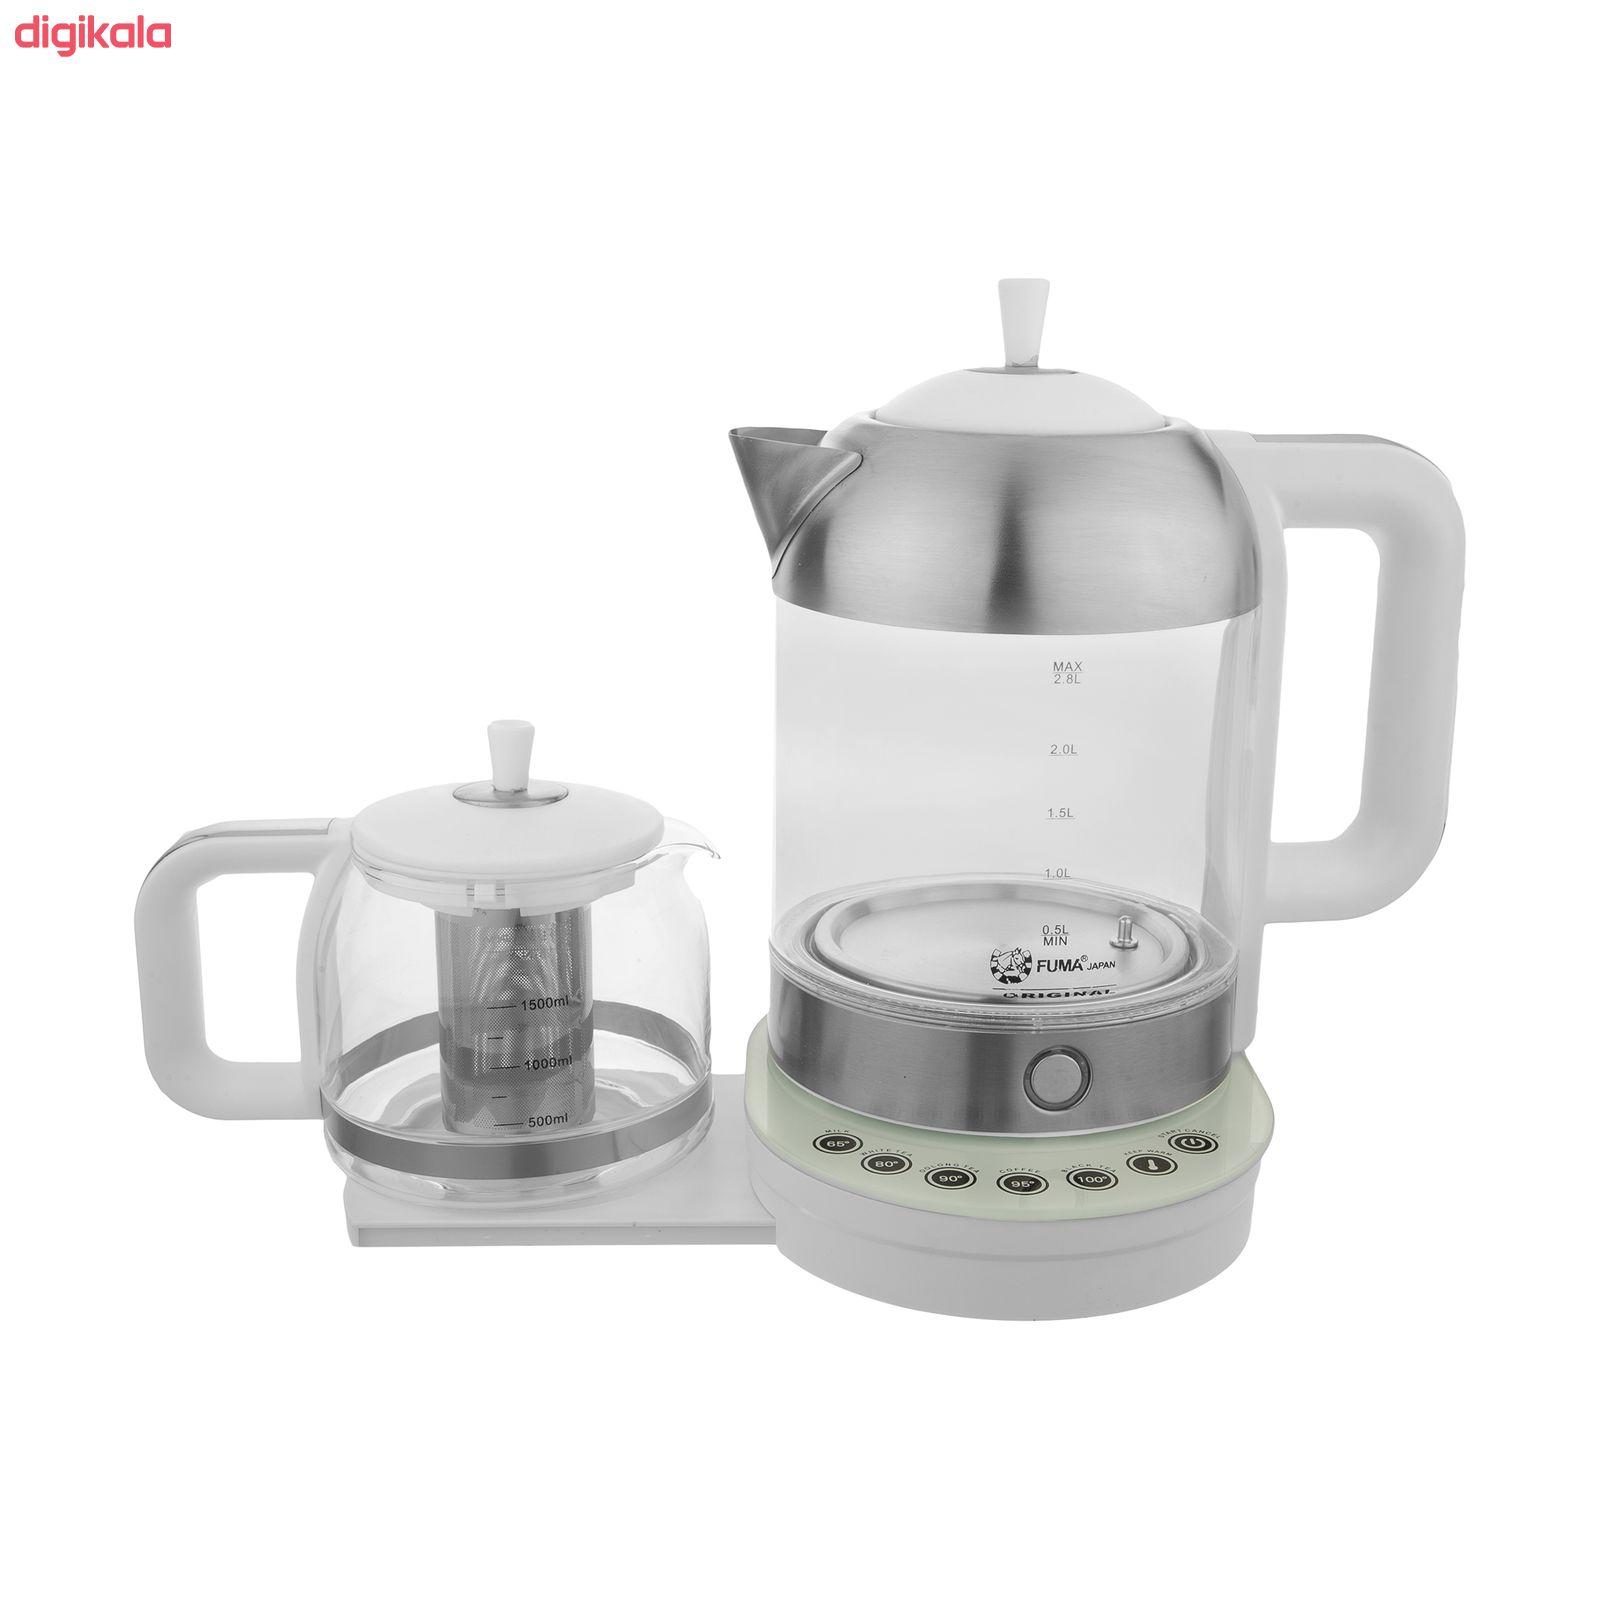 چای ساز فوما مدل 2012 main 1 4